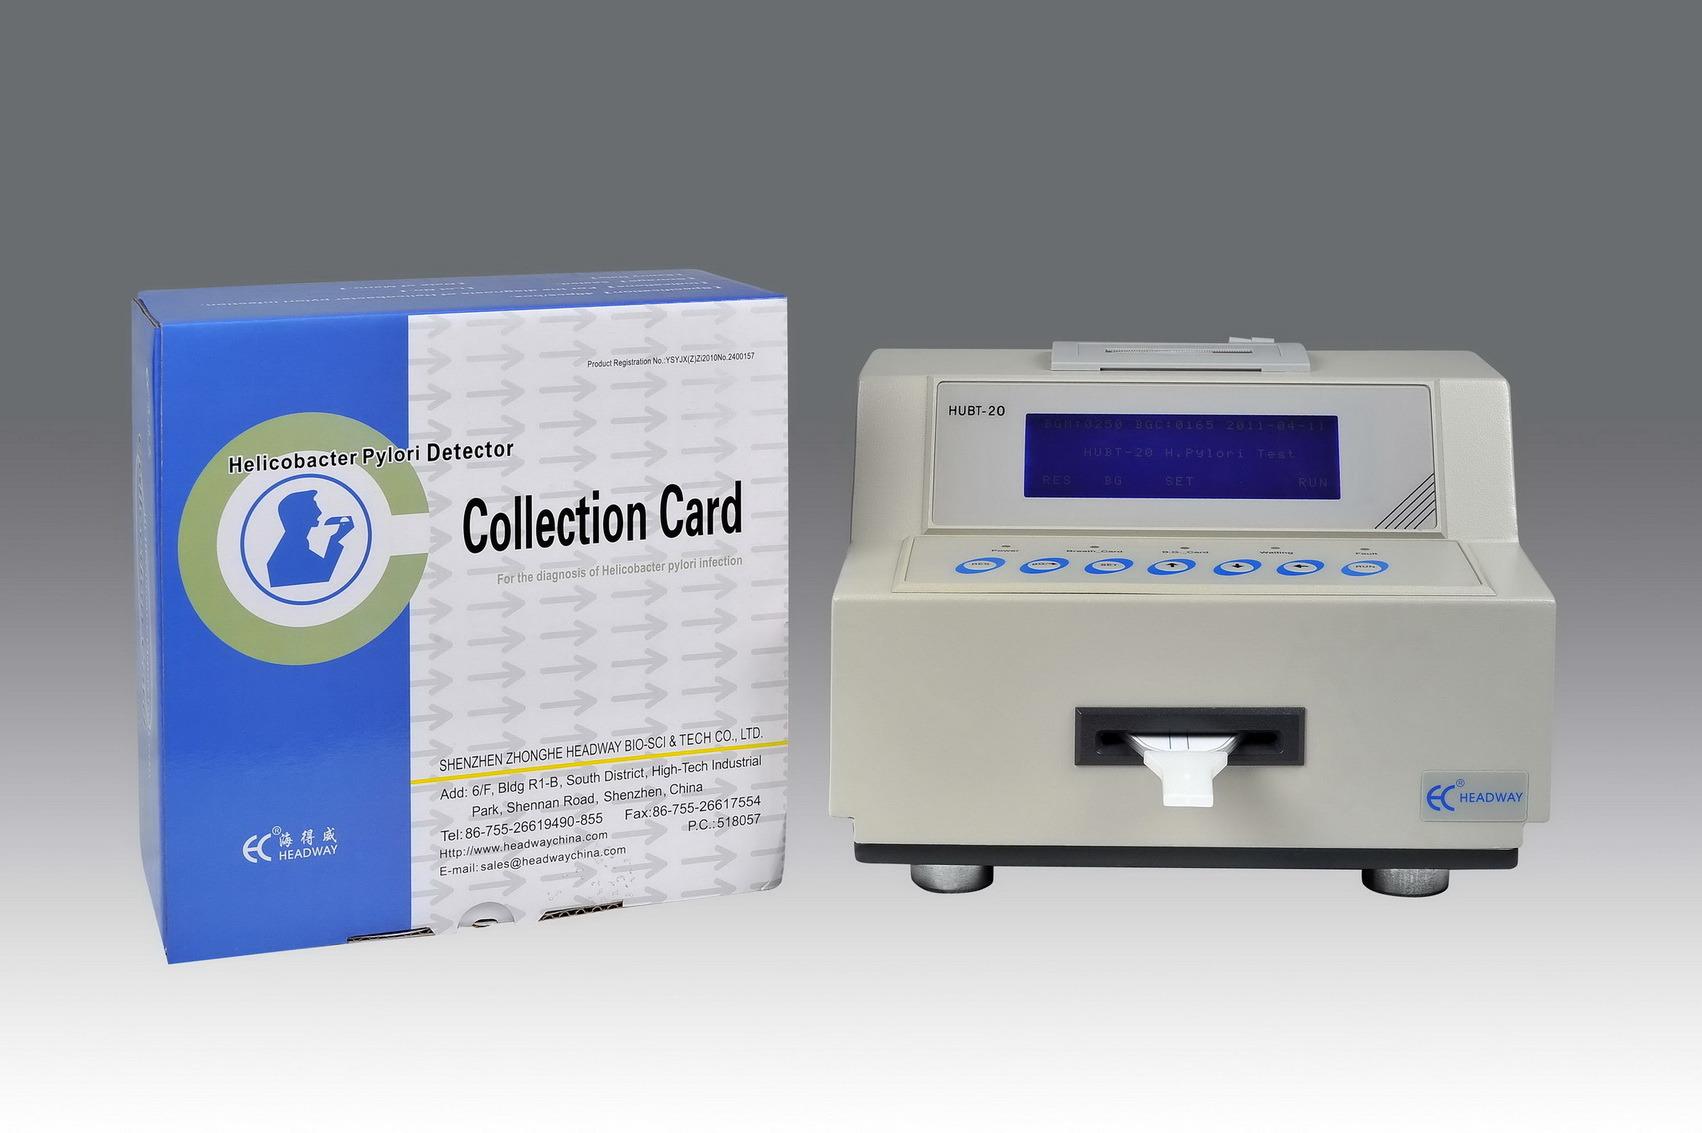 H. Pylori Detector/Tester